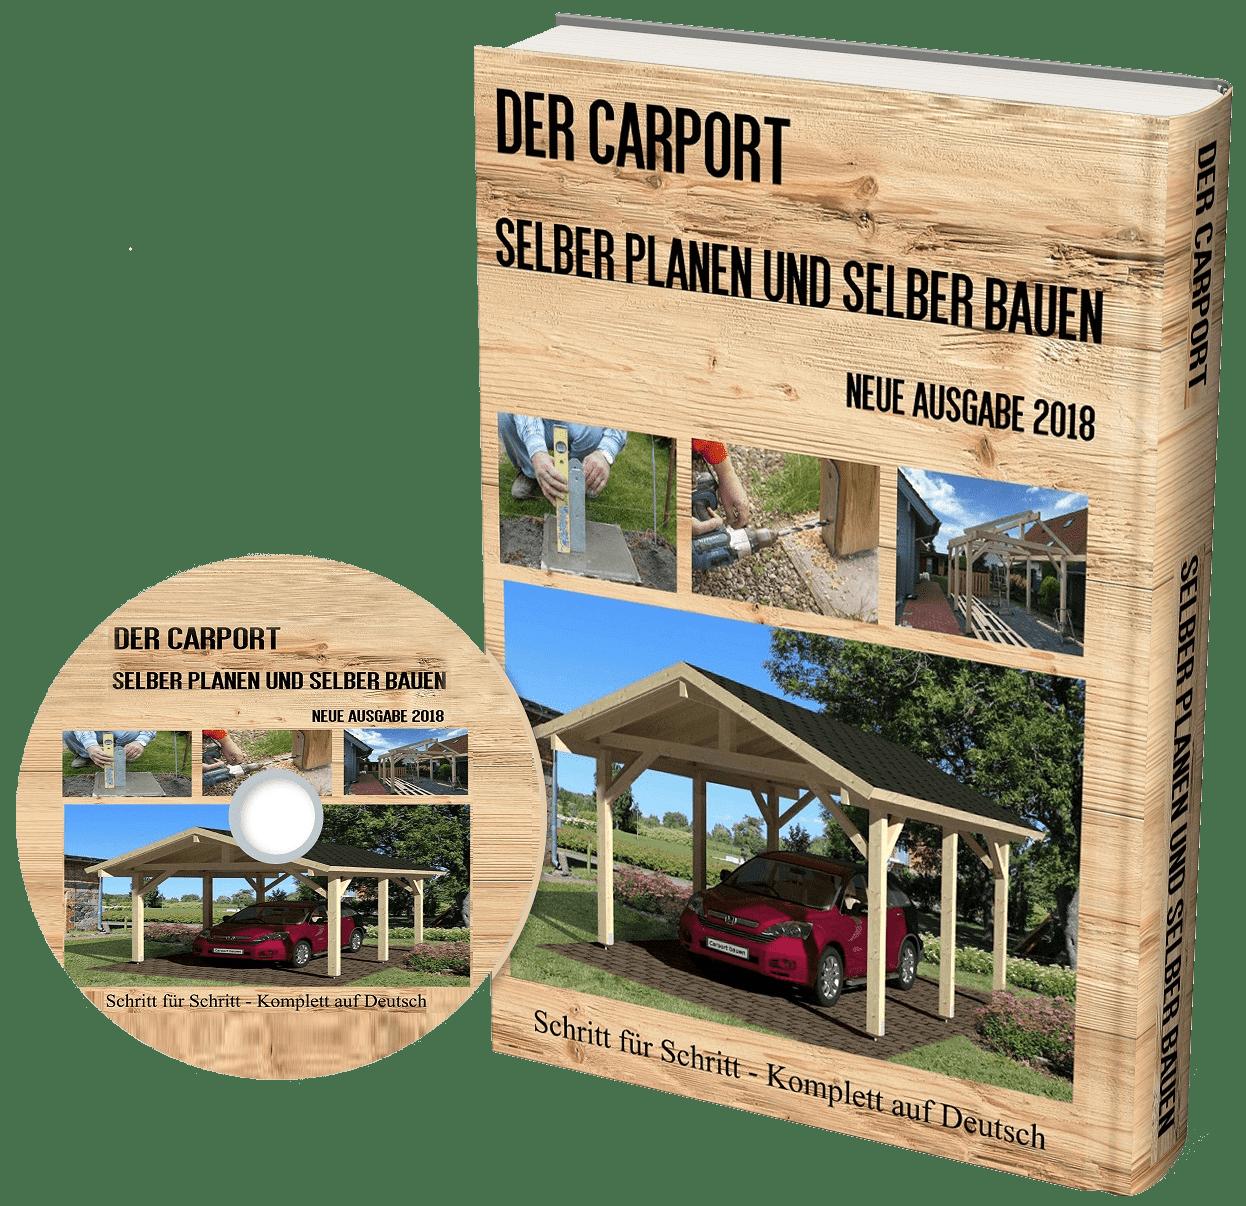 Carport Selber Bauen Bauanleitung 2019 Von Satteldach Bis Spitzdach